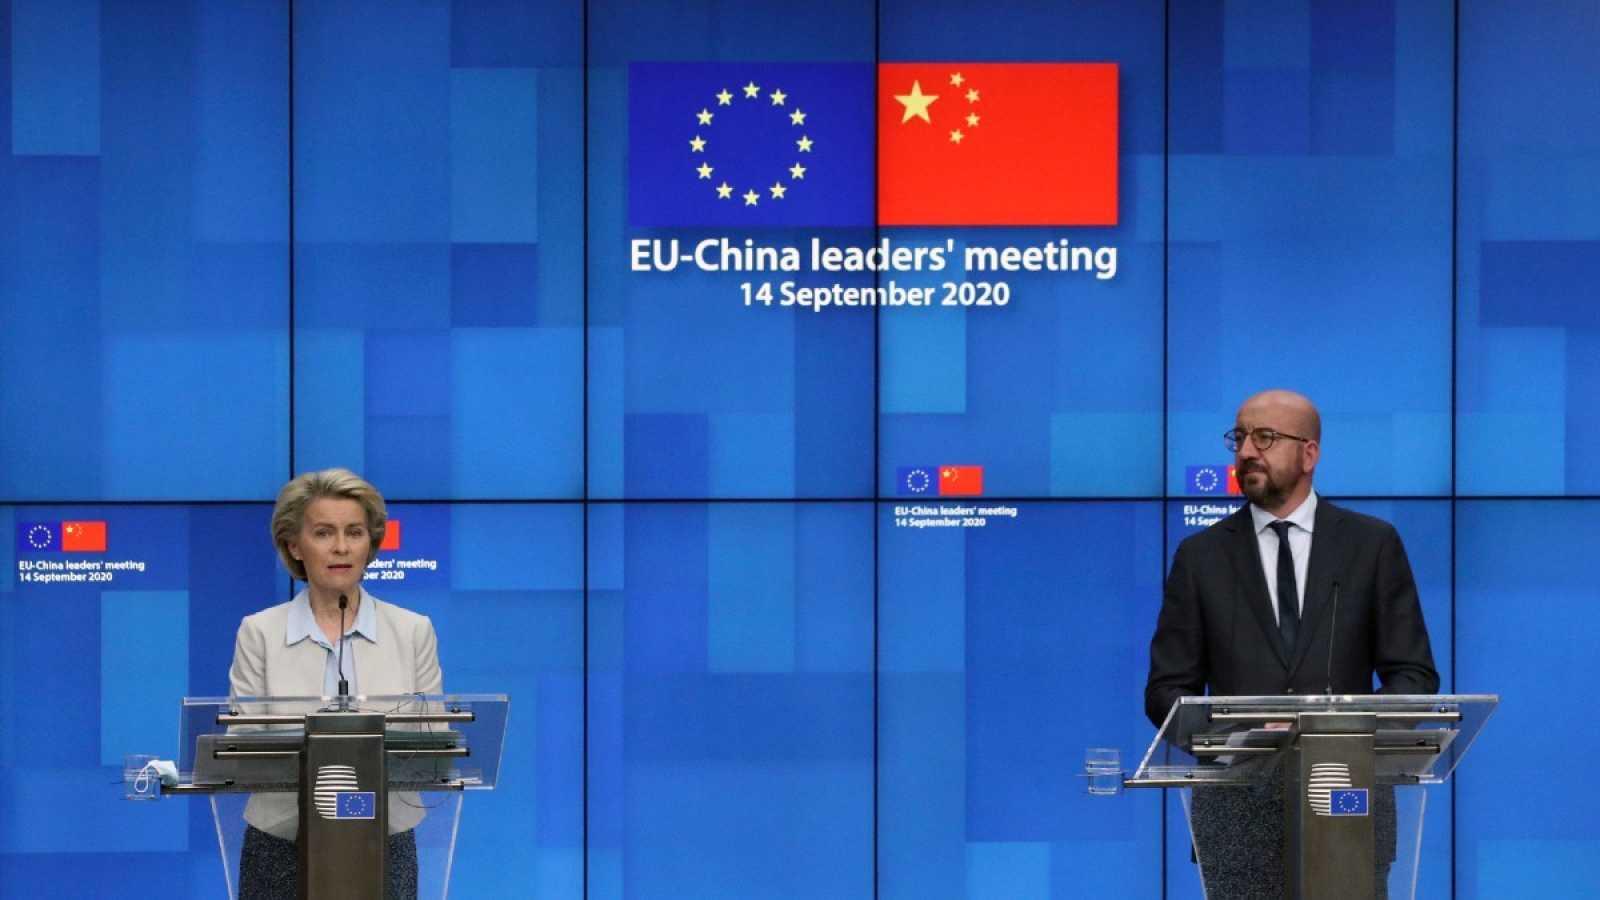 El presidente del Consejo Europeo, Charles Michel en la conferencia de prensa telemática junto a la presidenta de la Comisión Europea, Ursula von der Leyen, tras la cumbre virtual con el presidente de China, Xi Jinping.